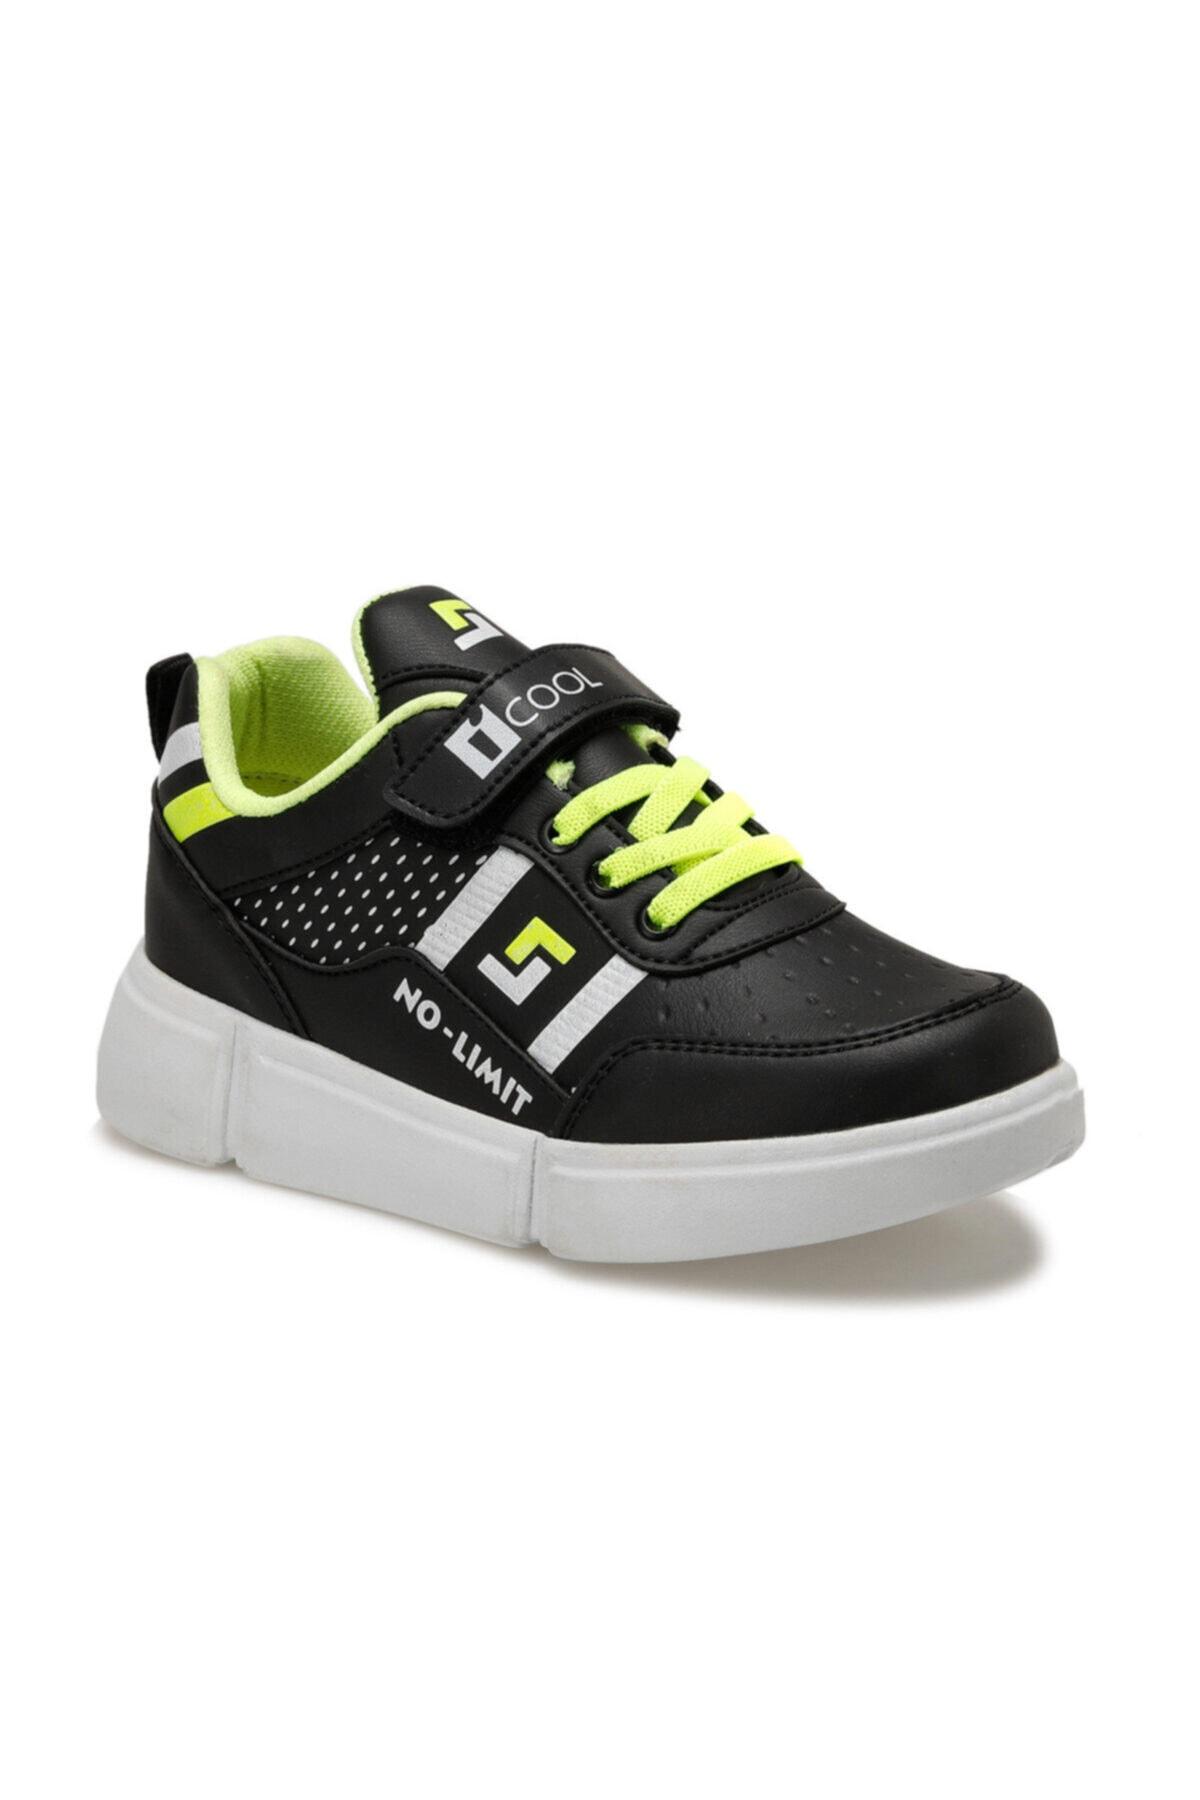 I COOL NOTE Siyah Erkek Çocuk Sneaker Ayakkabı 100516399 1